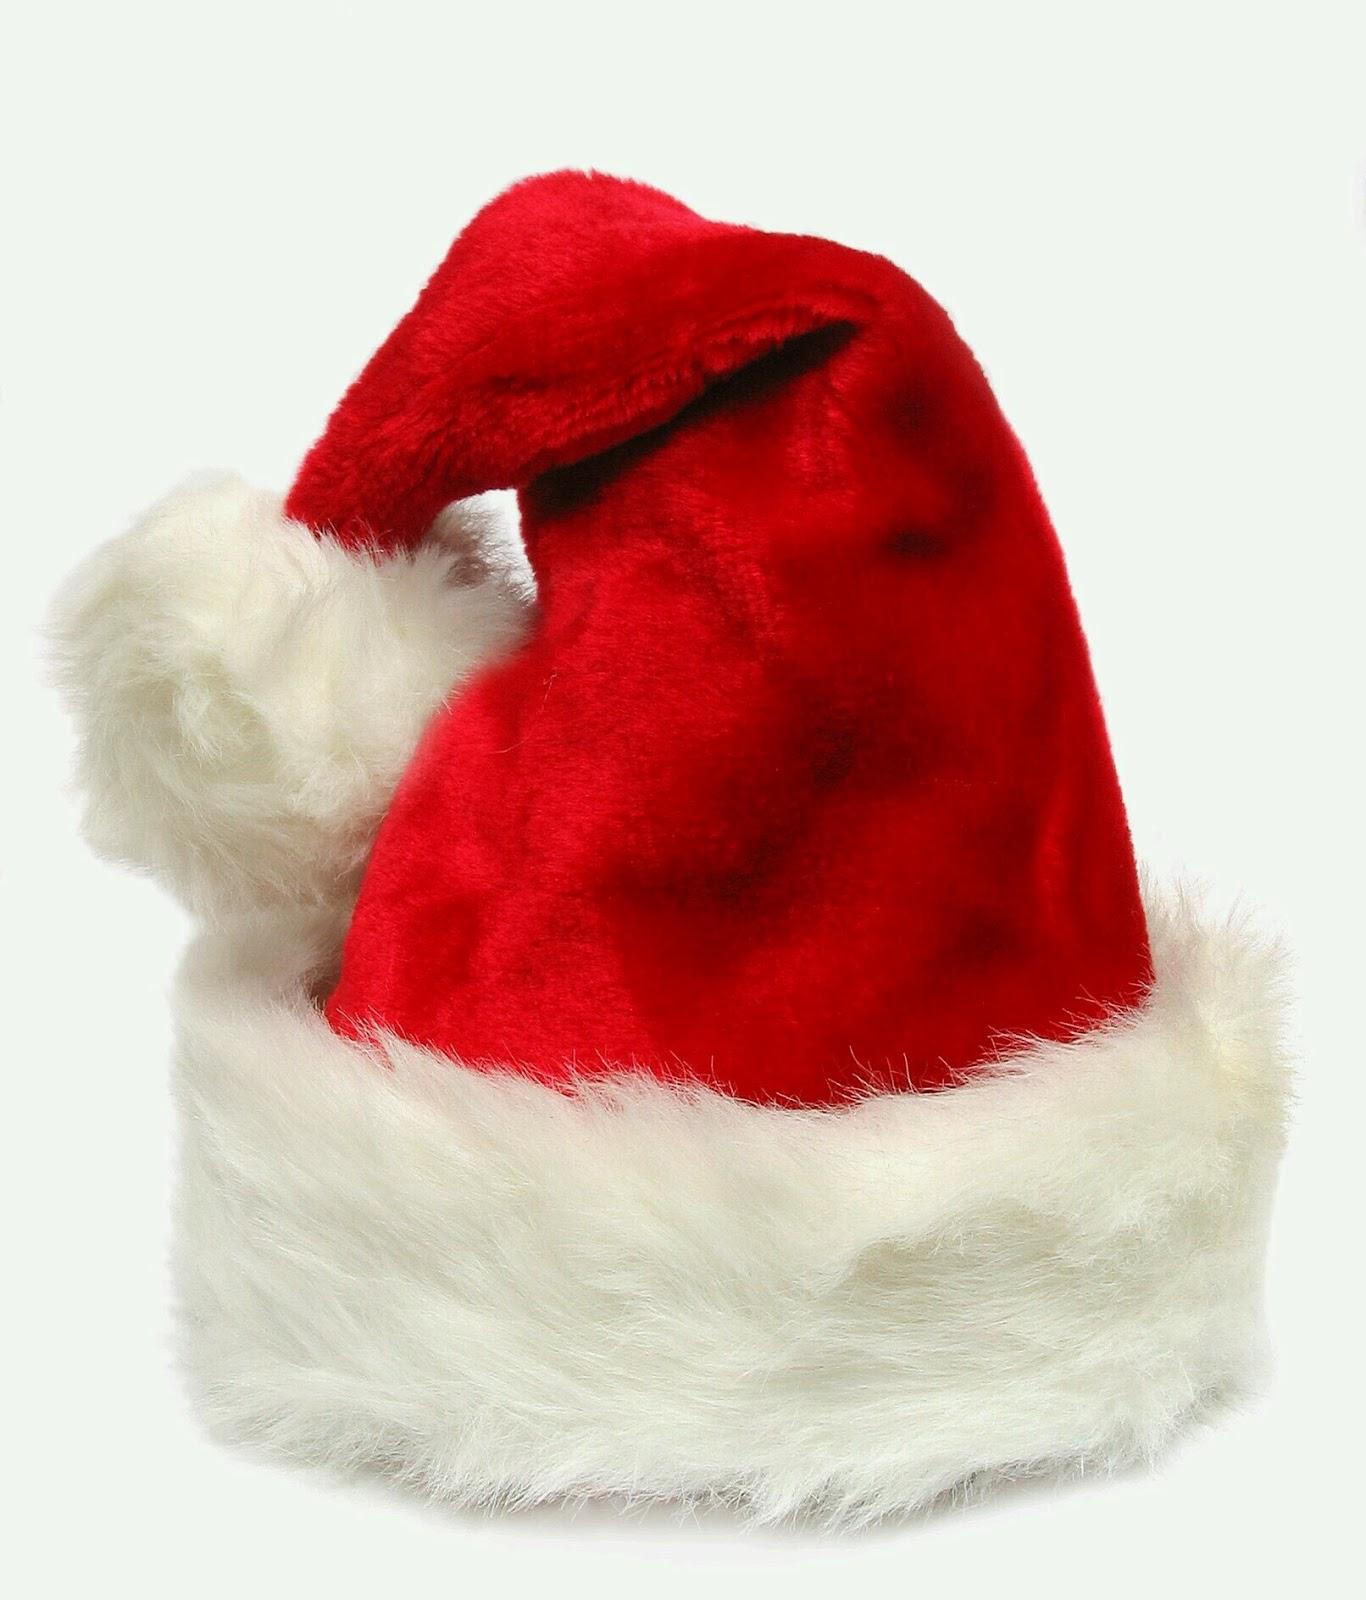 hat+-+santa+hat+clipart+-+santa+hat+png+-+santa+hat+vector+-+santa+hat ...